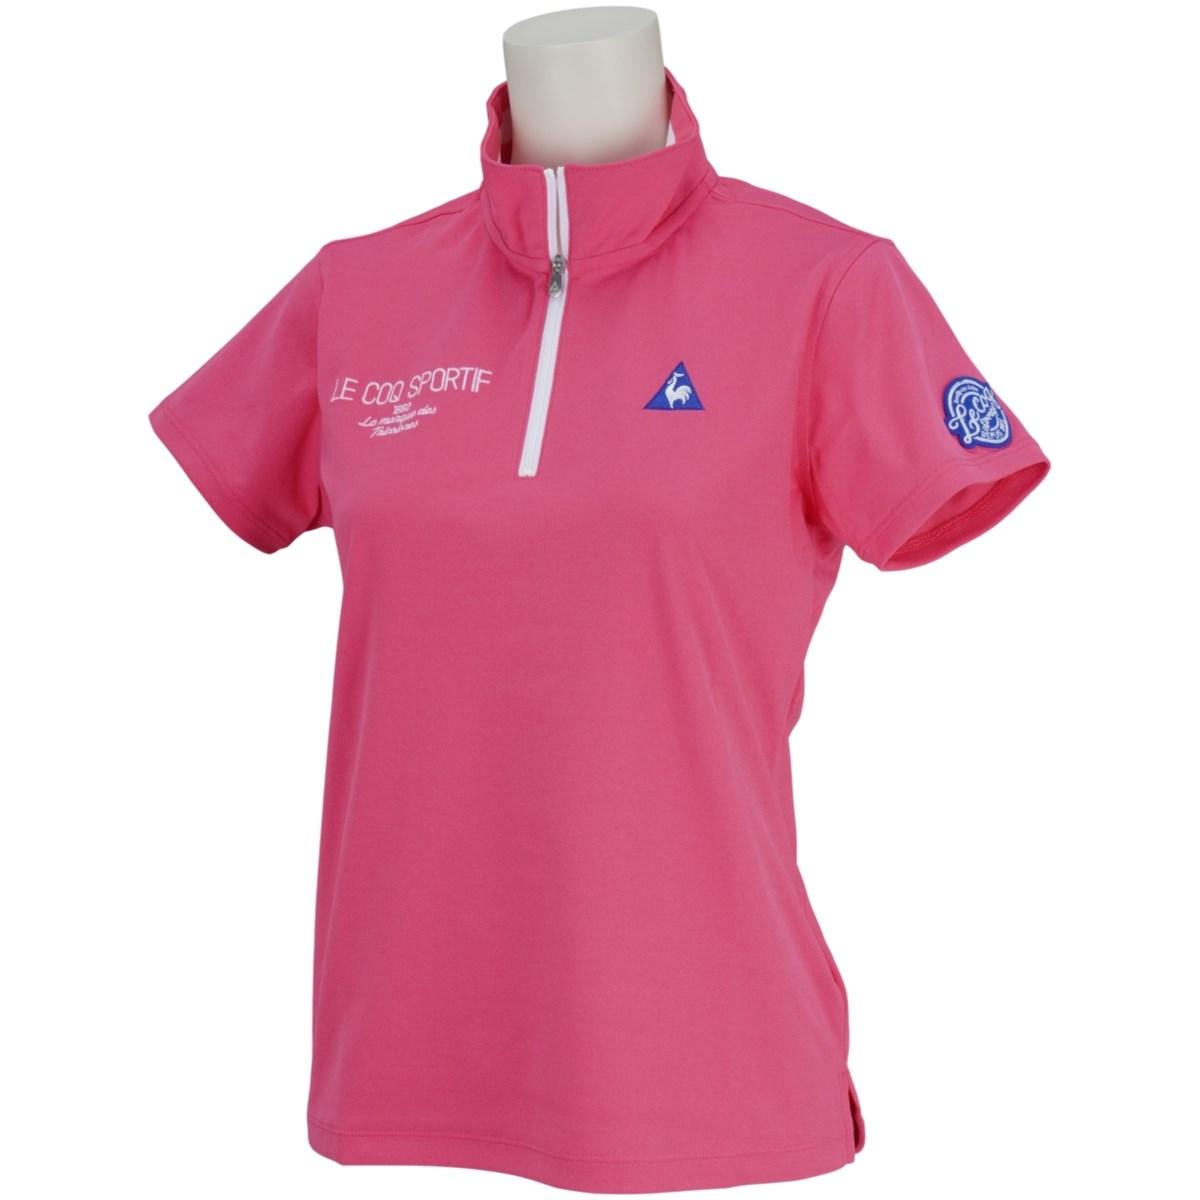 ルコックゴルフ Le coq sportif GOLF ハーフジップスタンドカラー 半袖シャツ S ピンク 00 レディス